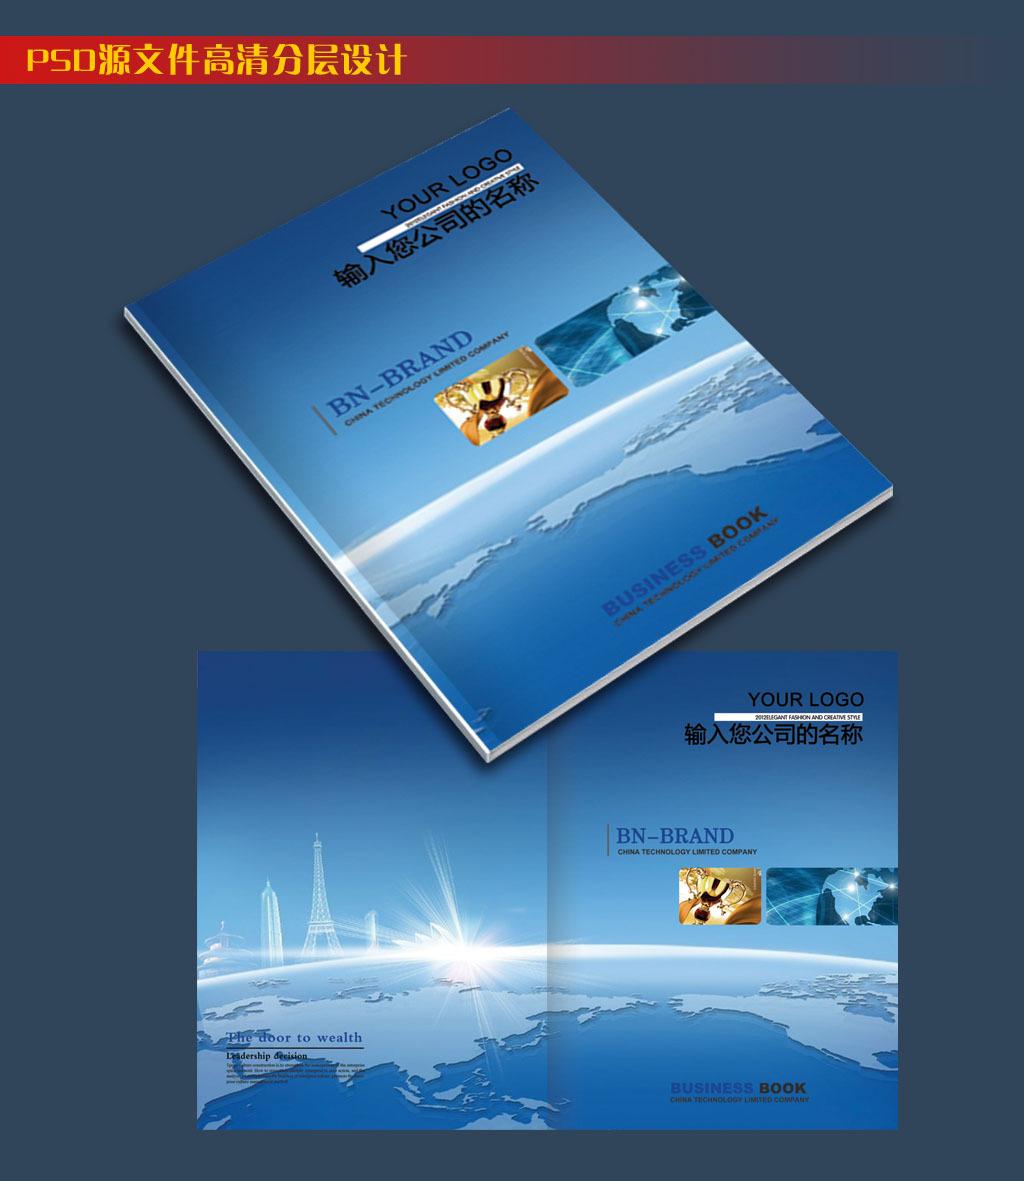 蓝色大气企业画册封面设计模板